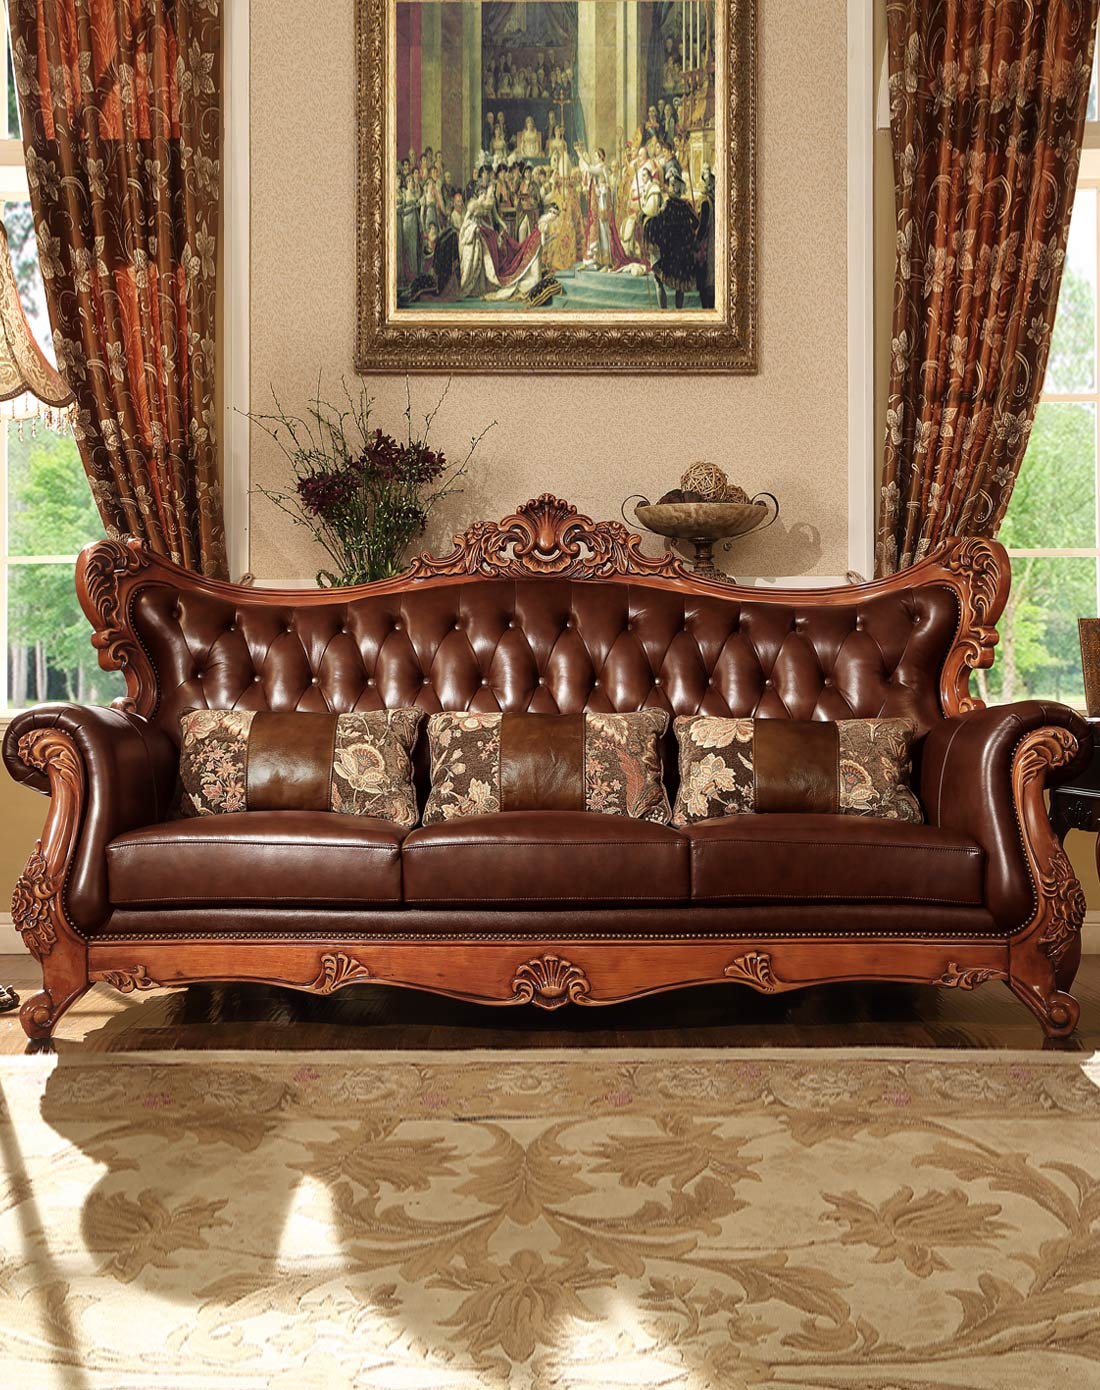 > 美式全实木雕花真皮沙发组合图片